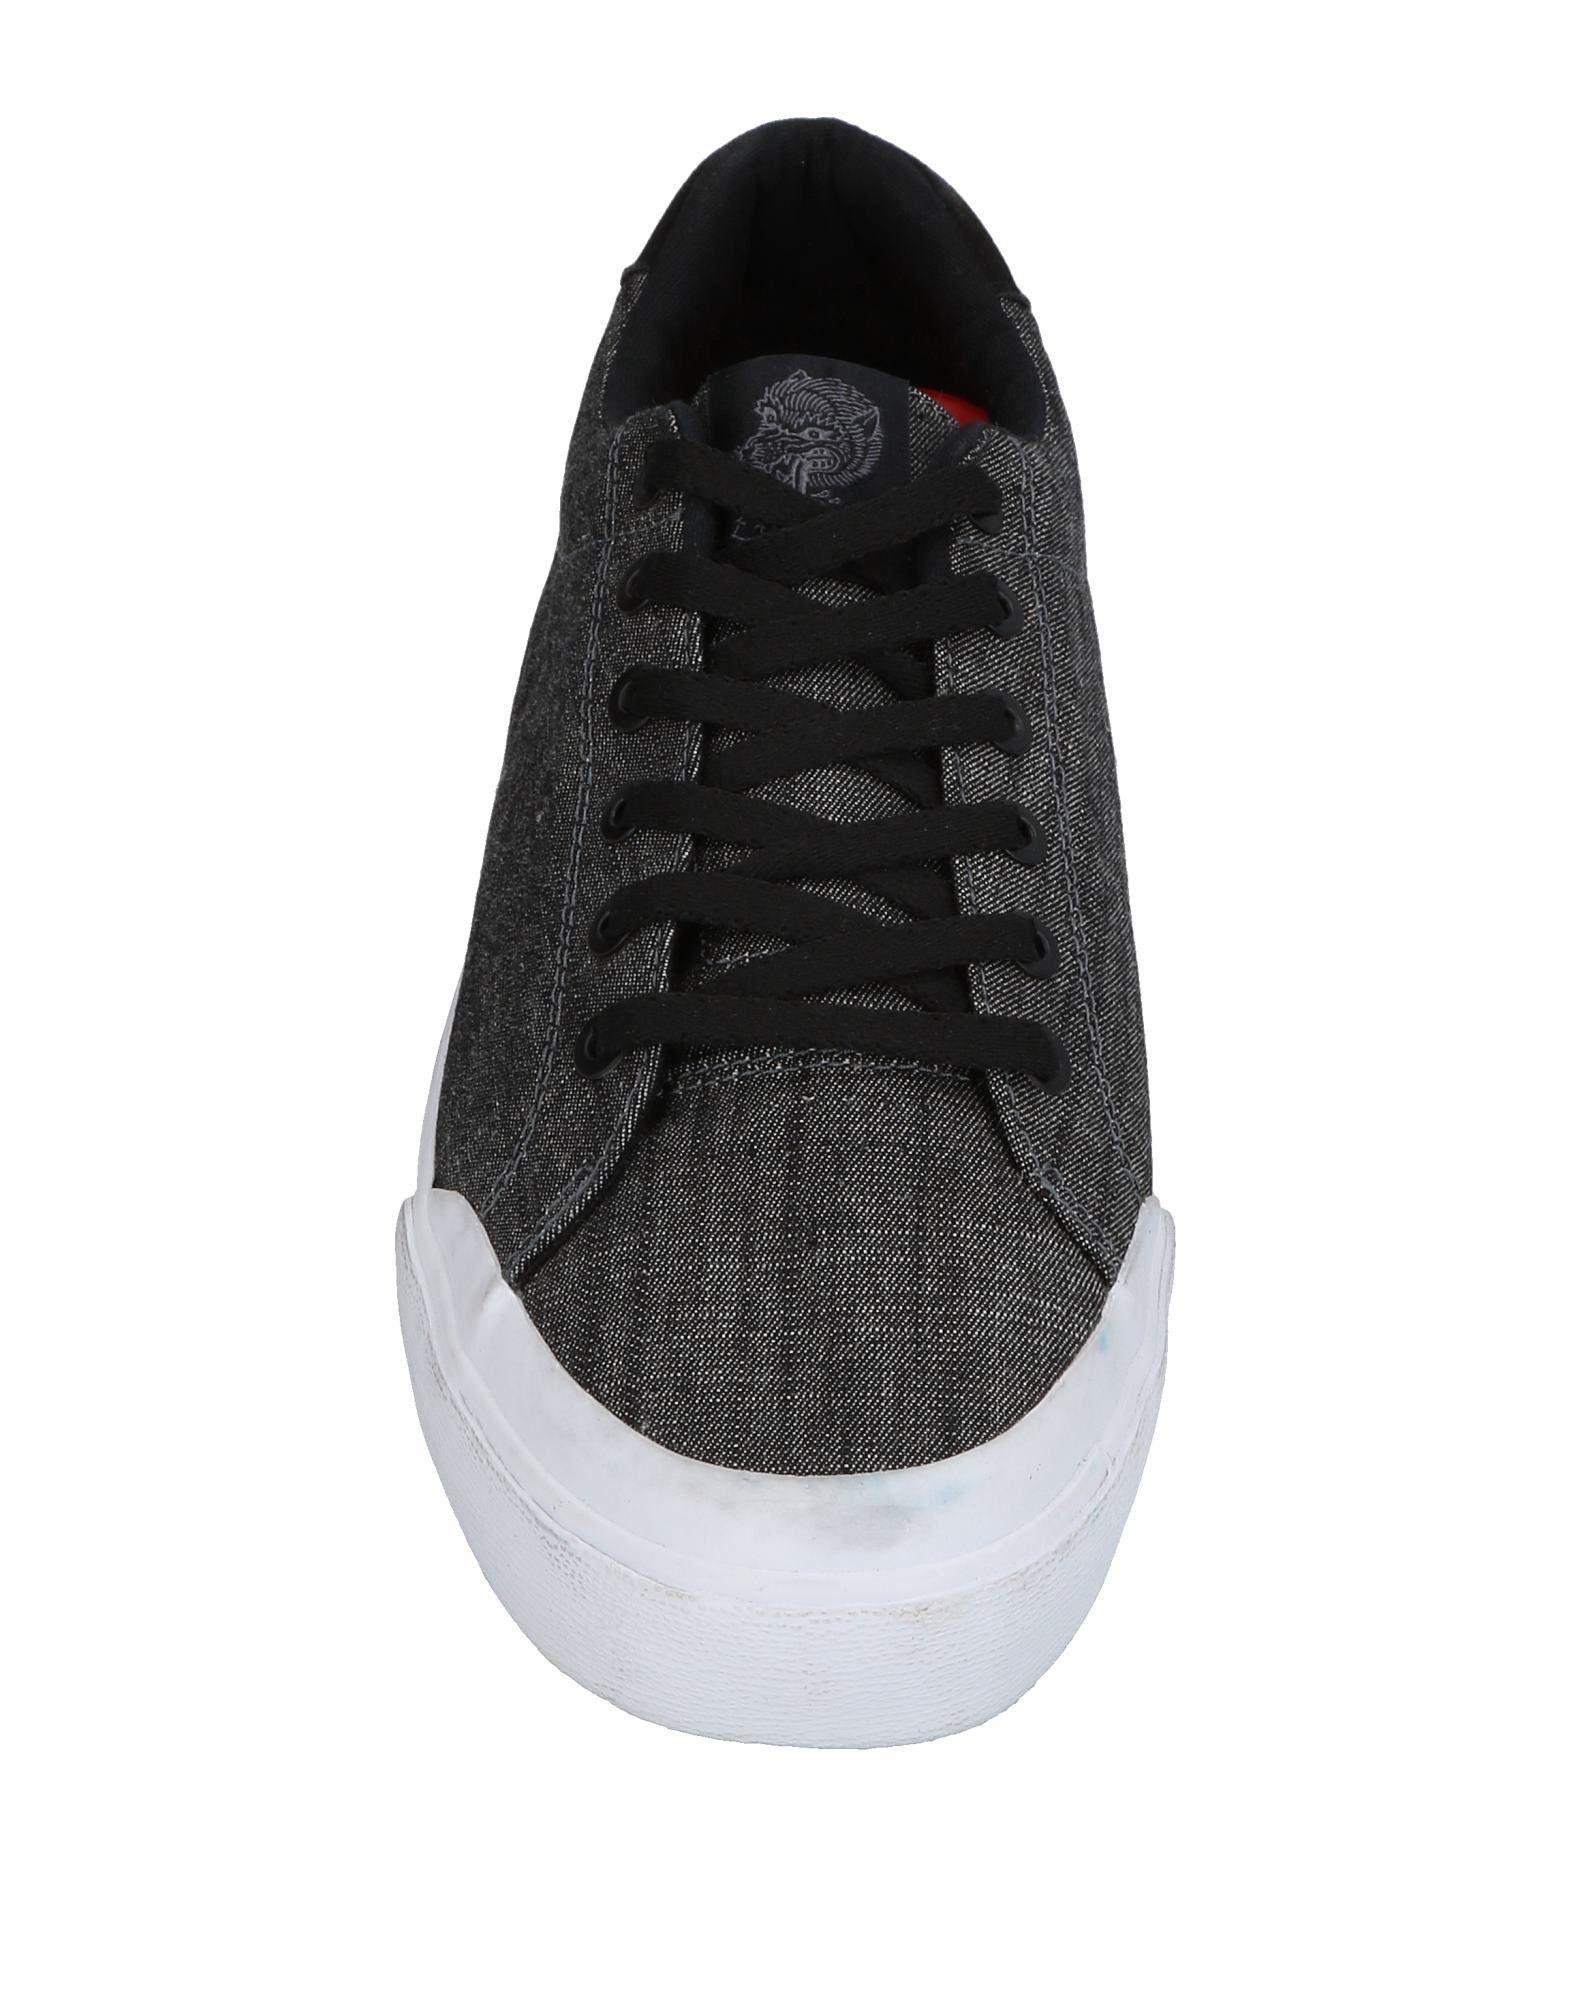 Rabatt Herren echte Schuhe C1rca Sneakers Herren Rabatt  11462050JW 302407